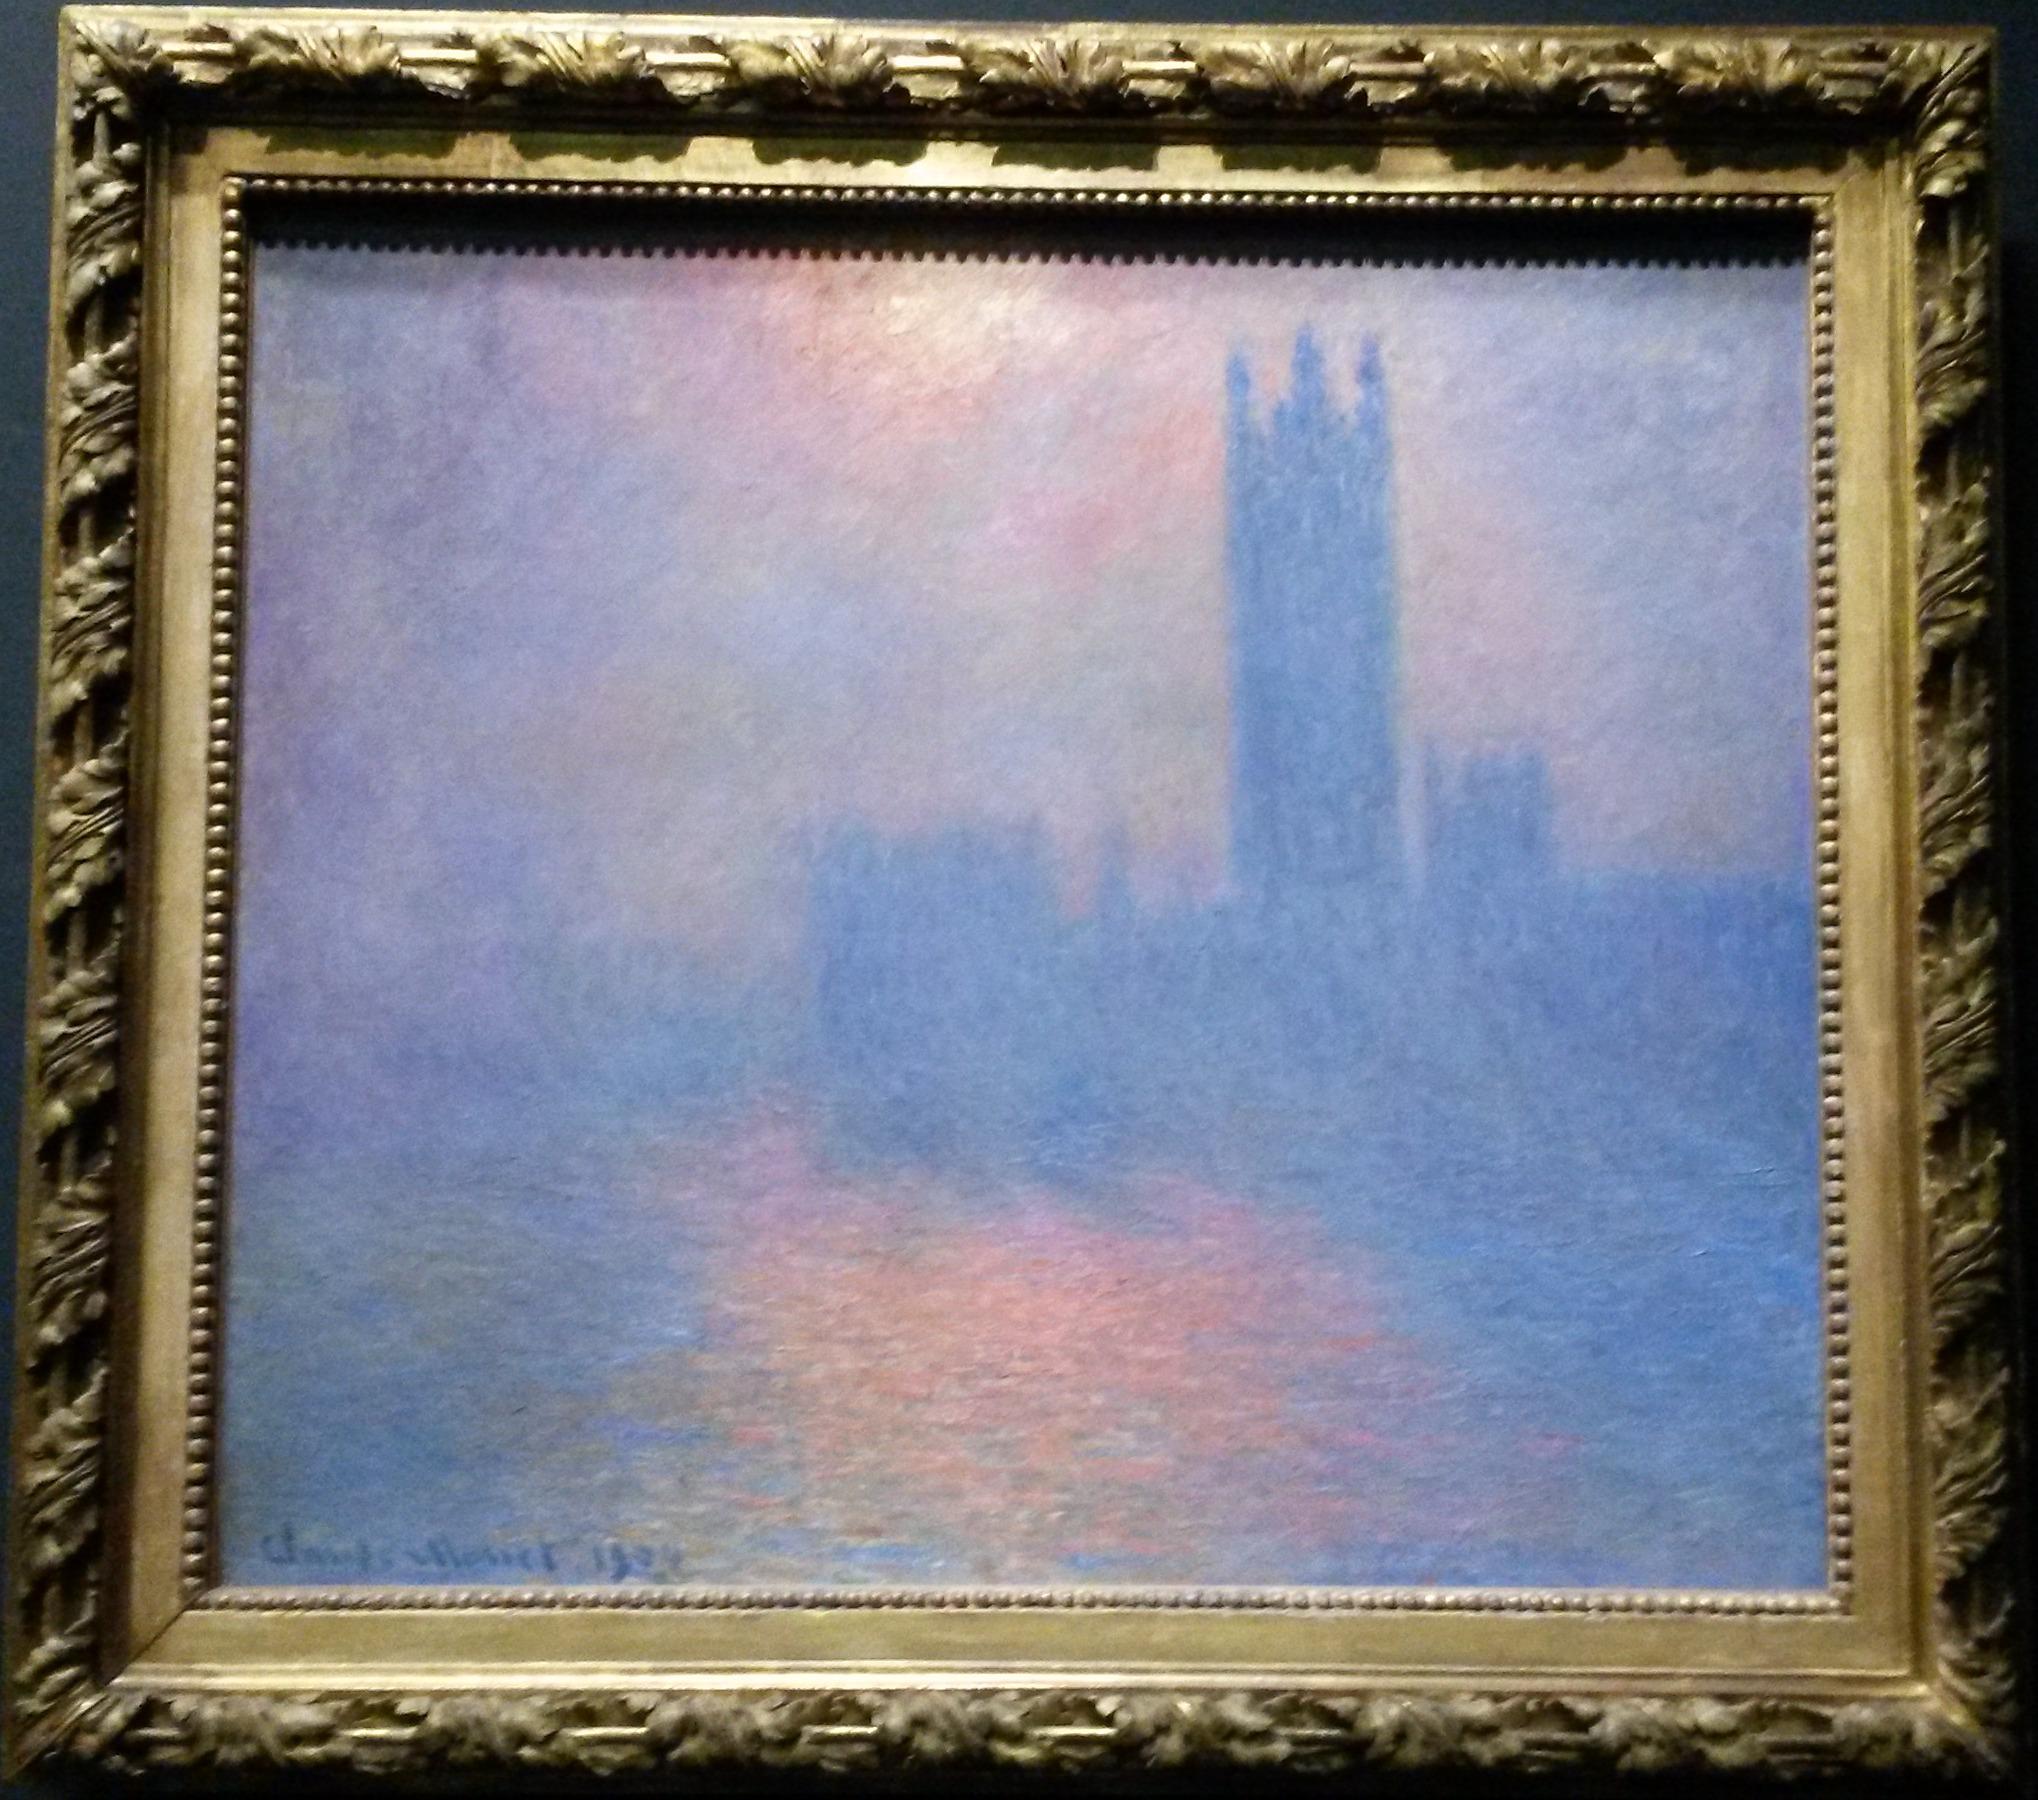 Londres, el Parlamento. Boquete de sol en la niebla